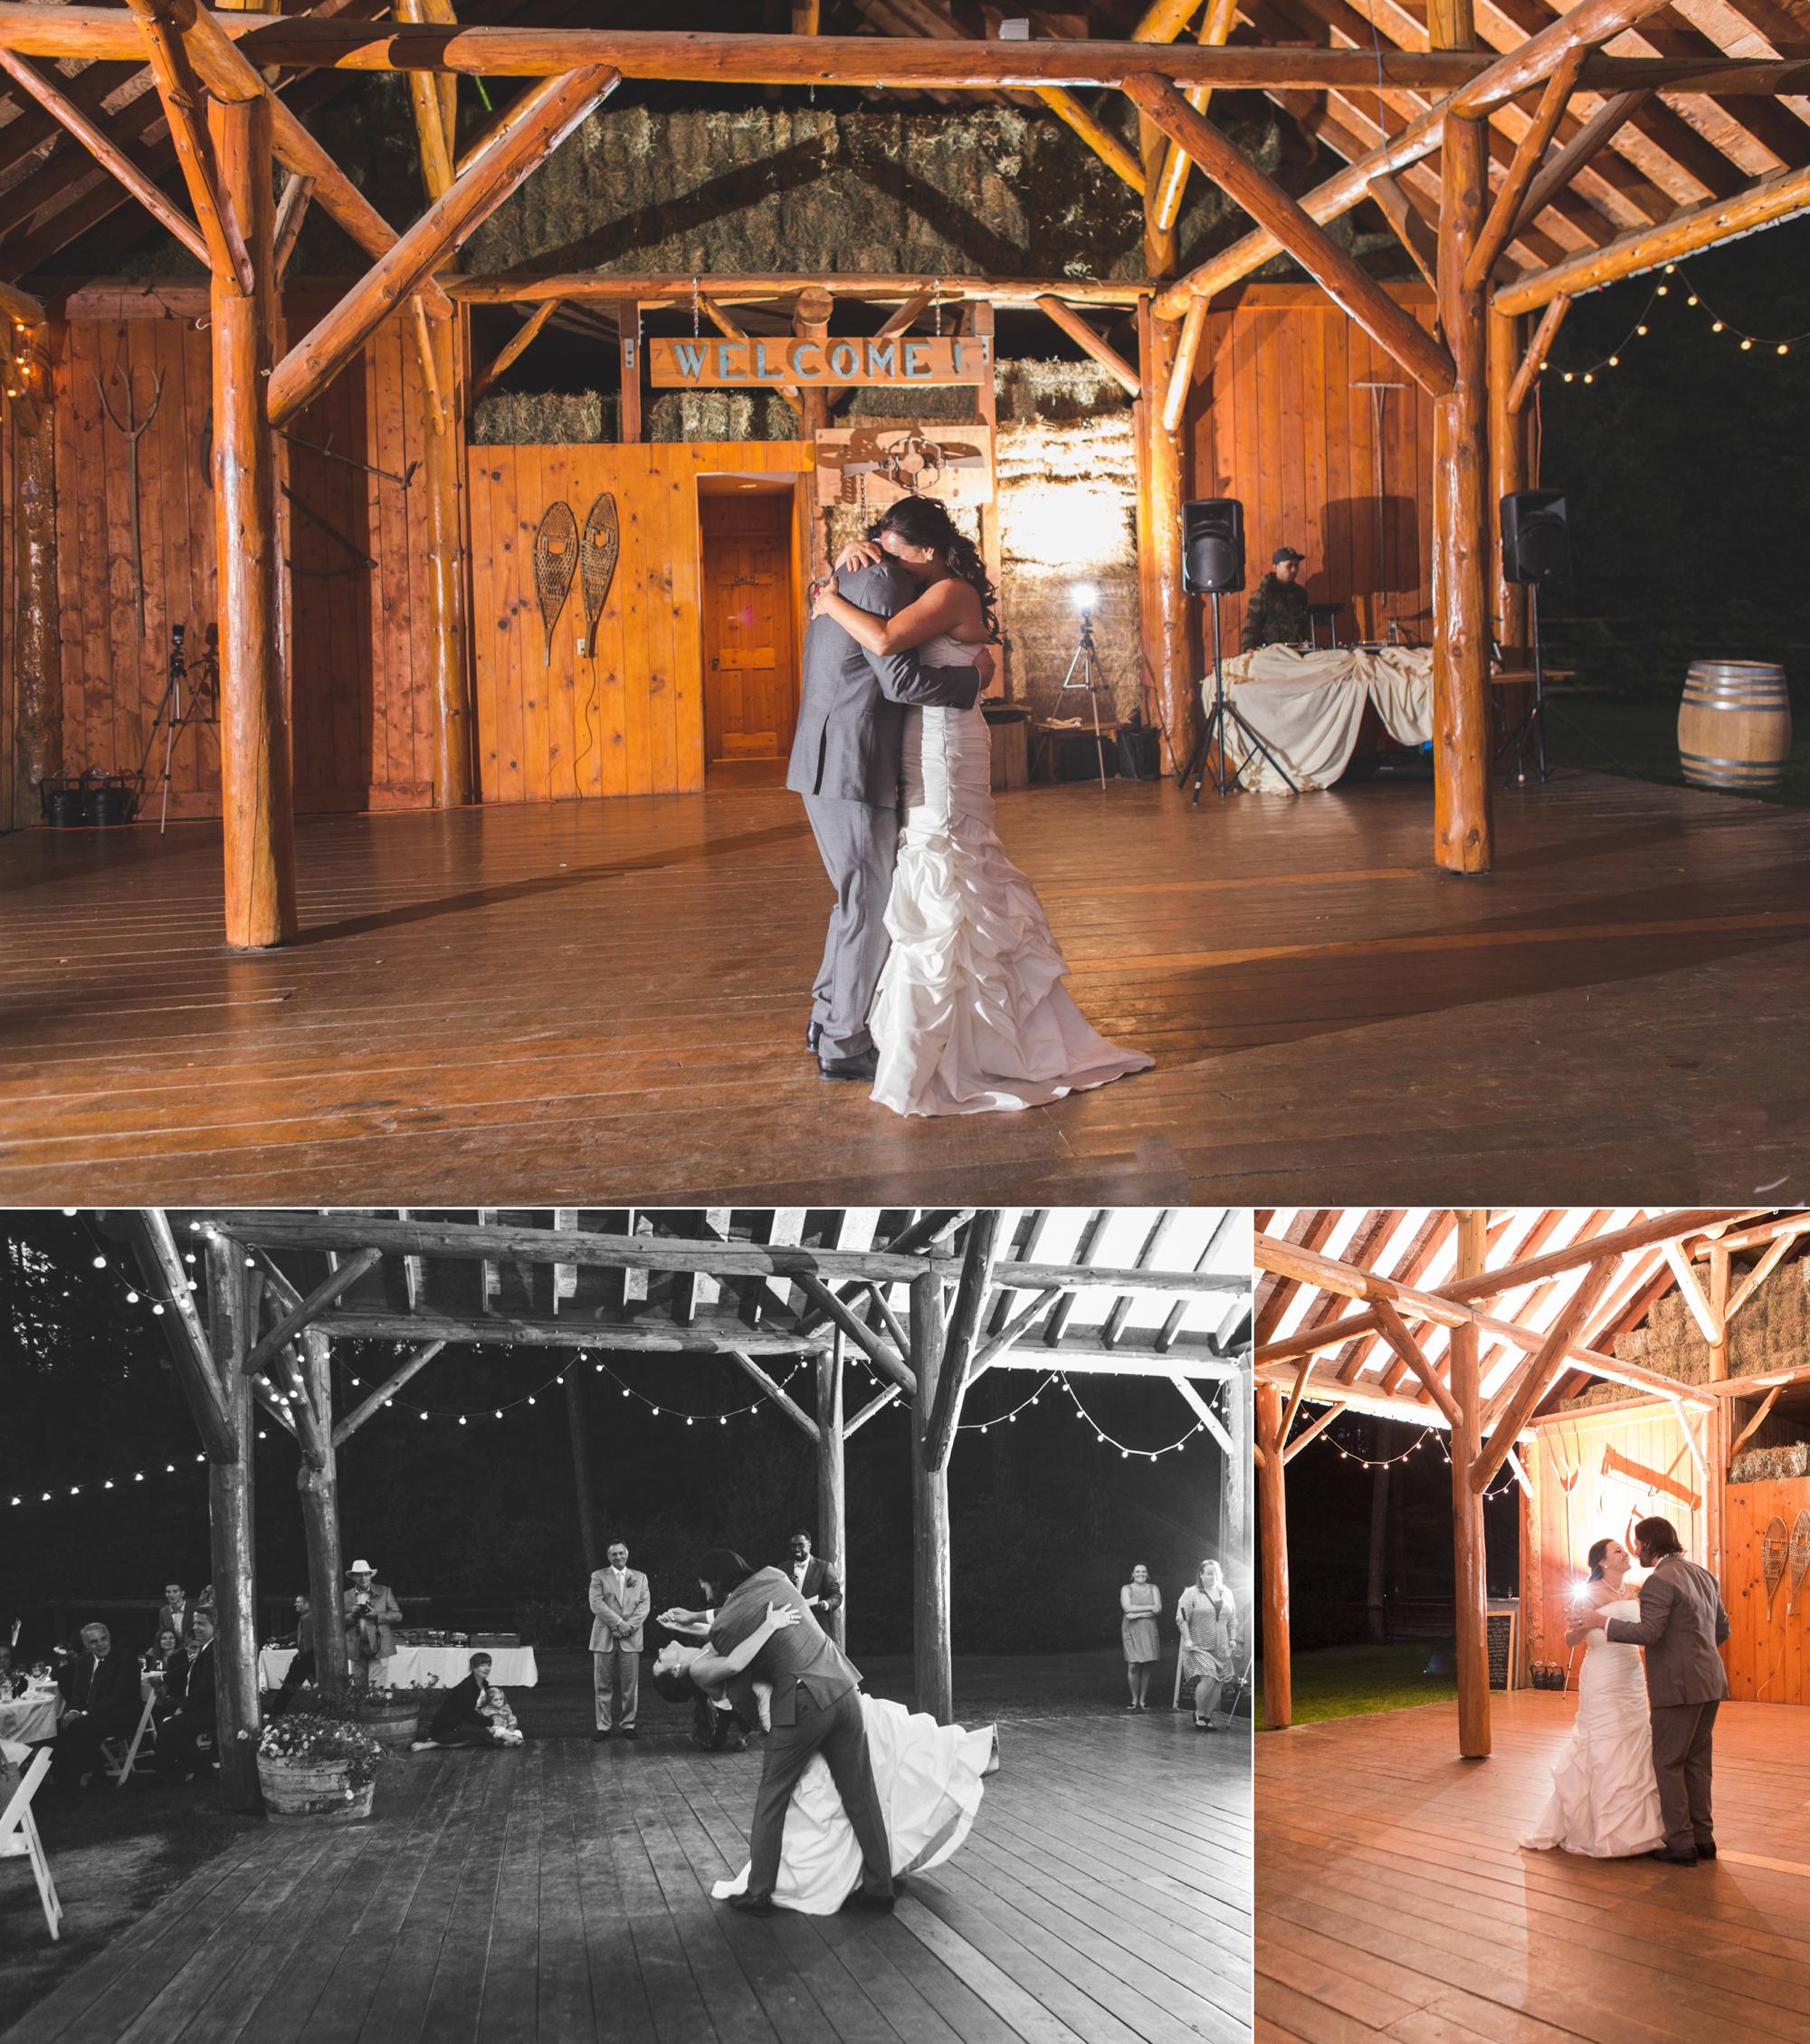 ashley vos photography seattle tacoma area wedding photographer_0837.jpg